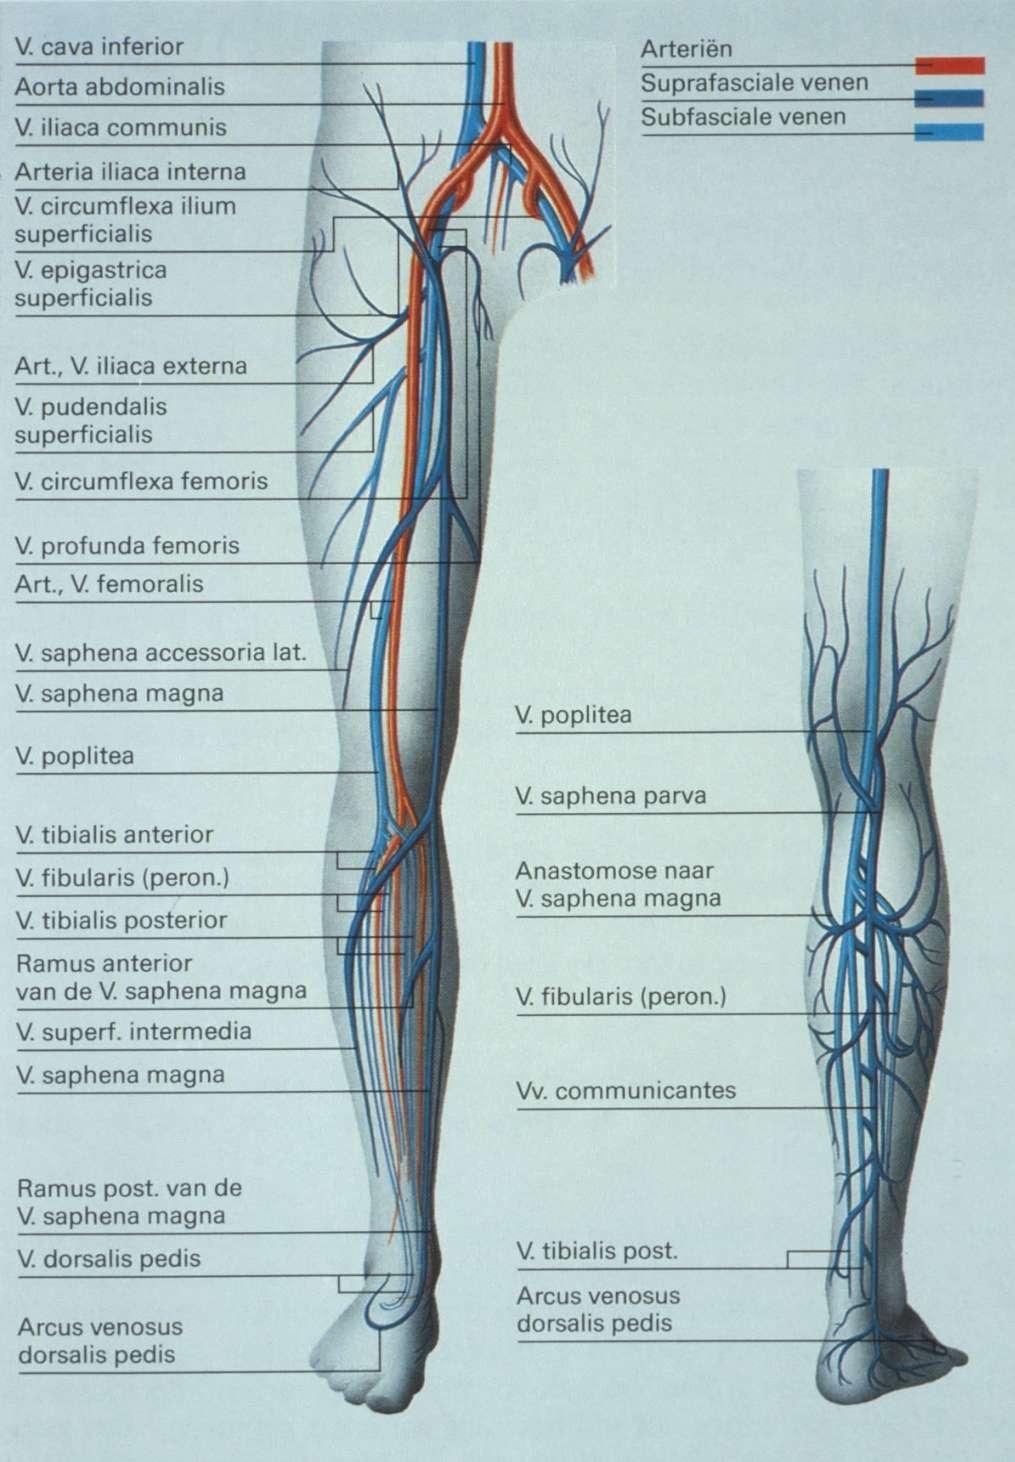 Beste V. Saphena Magna Anatomie Galerie - Physiologie Von ...